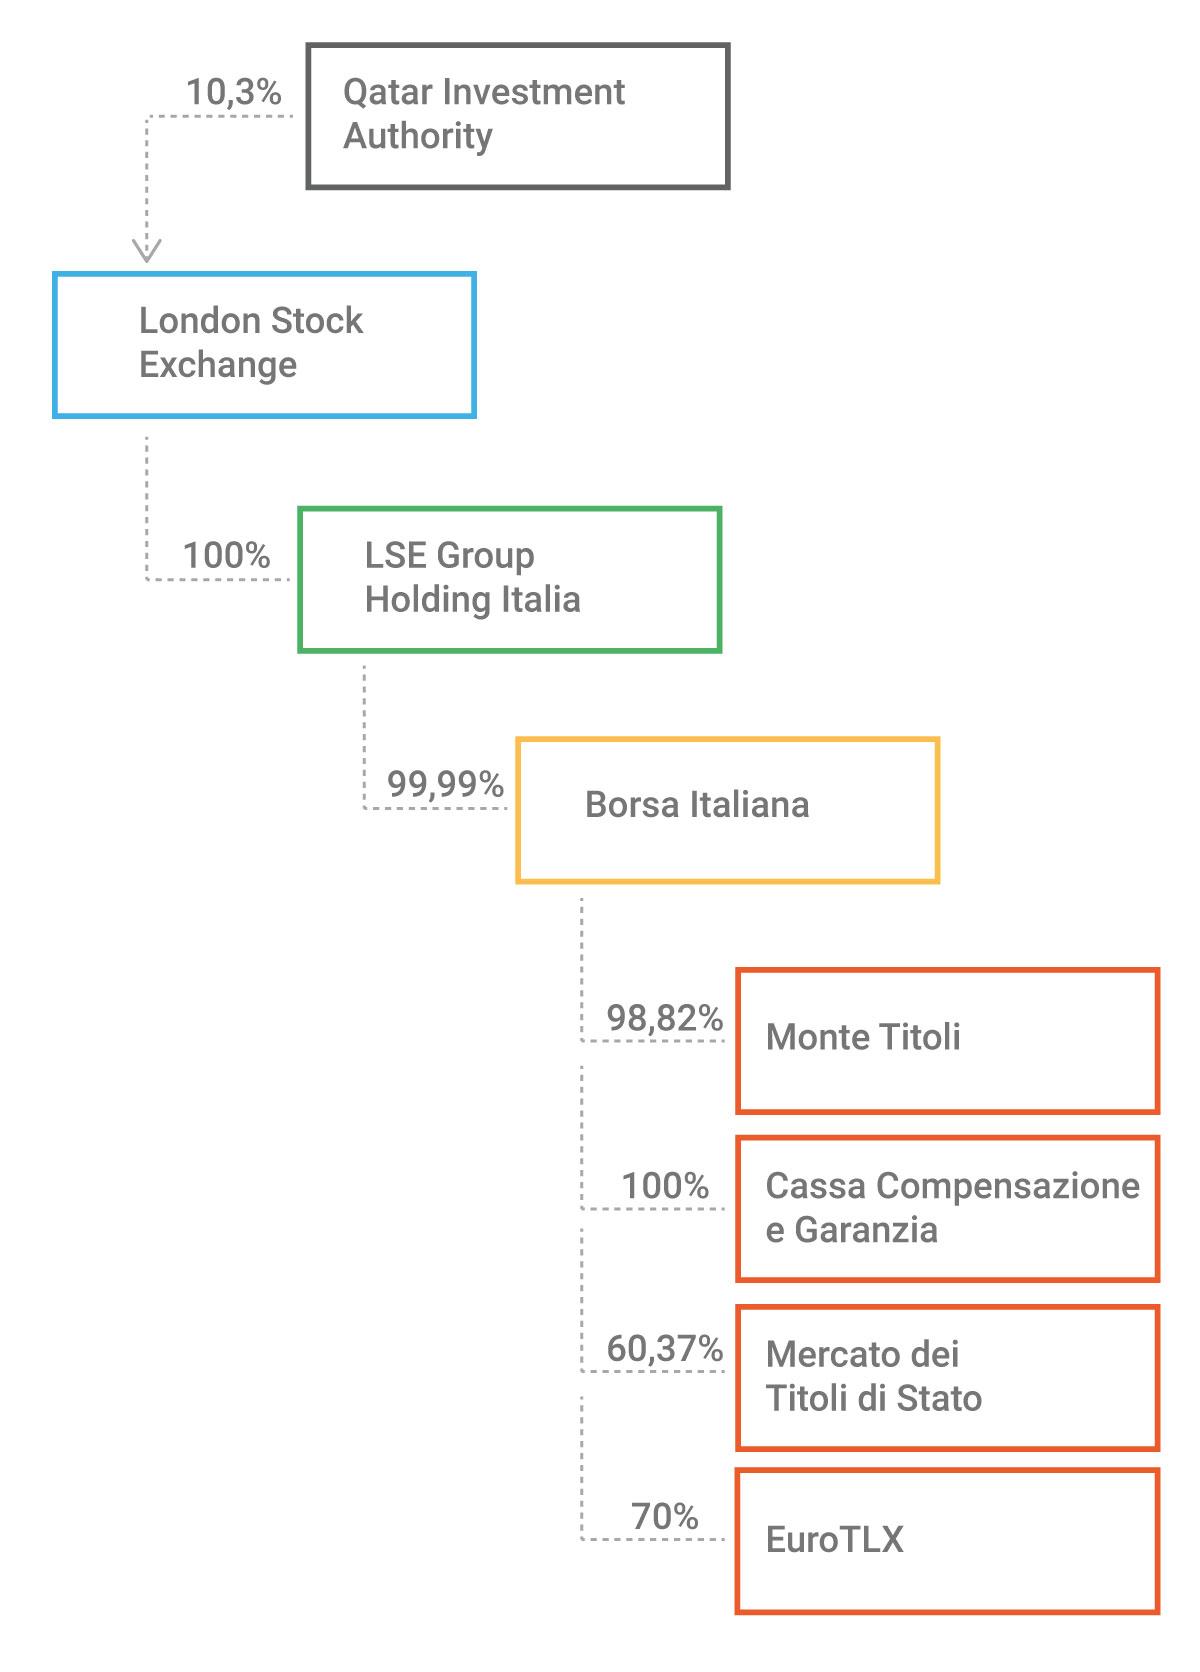 Chi è proprietario di Borsa Italiana?